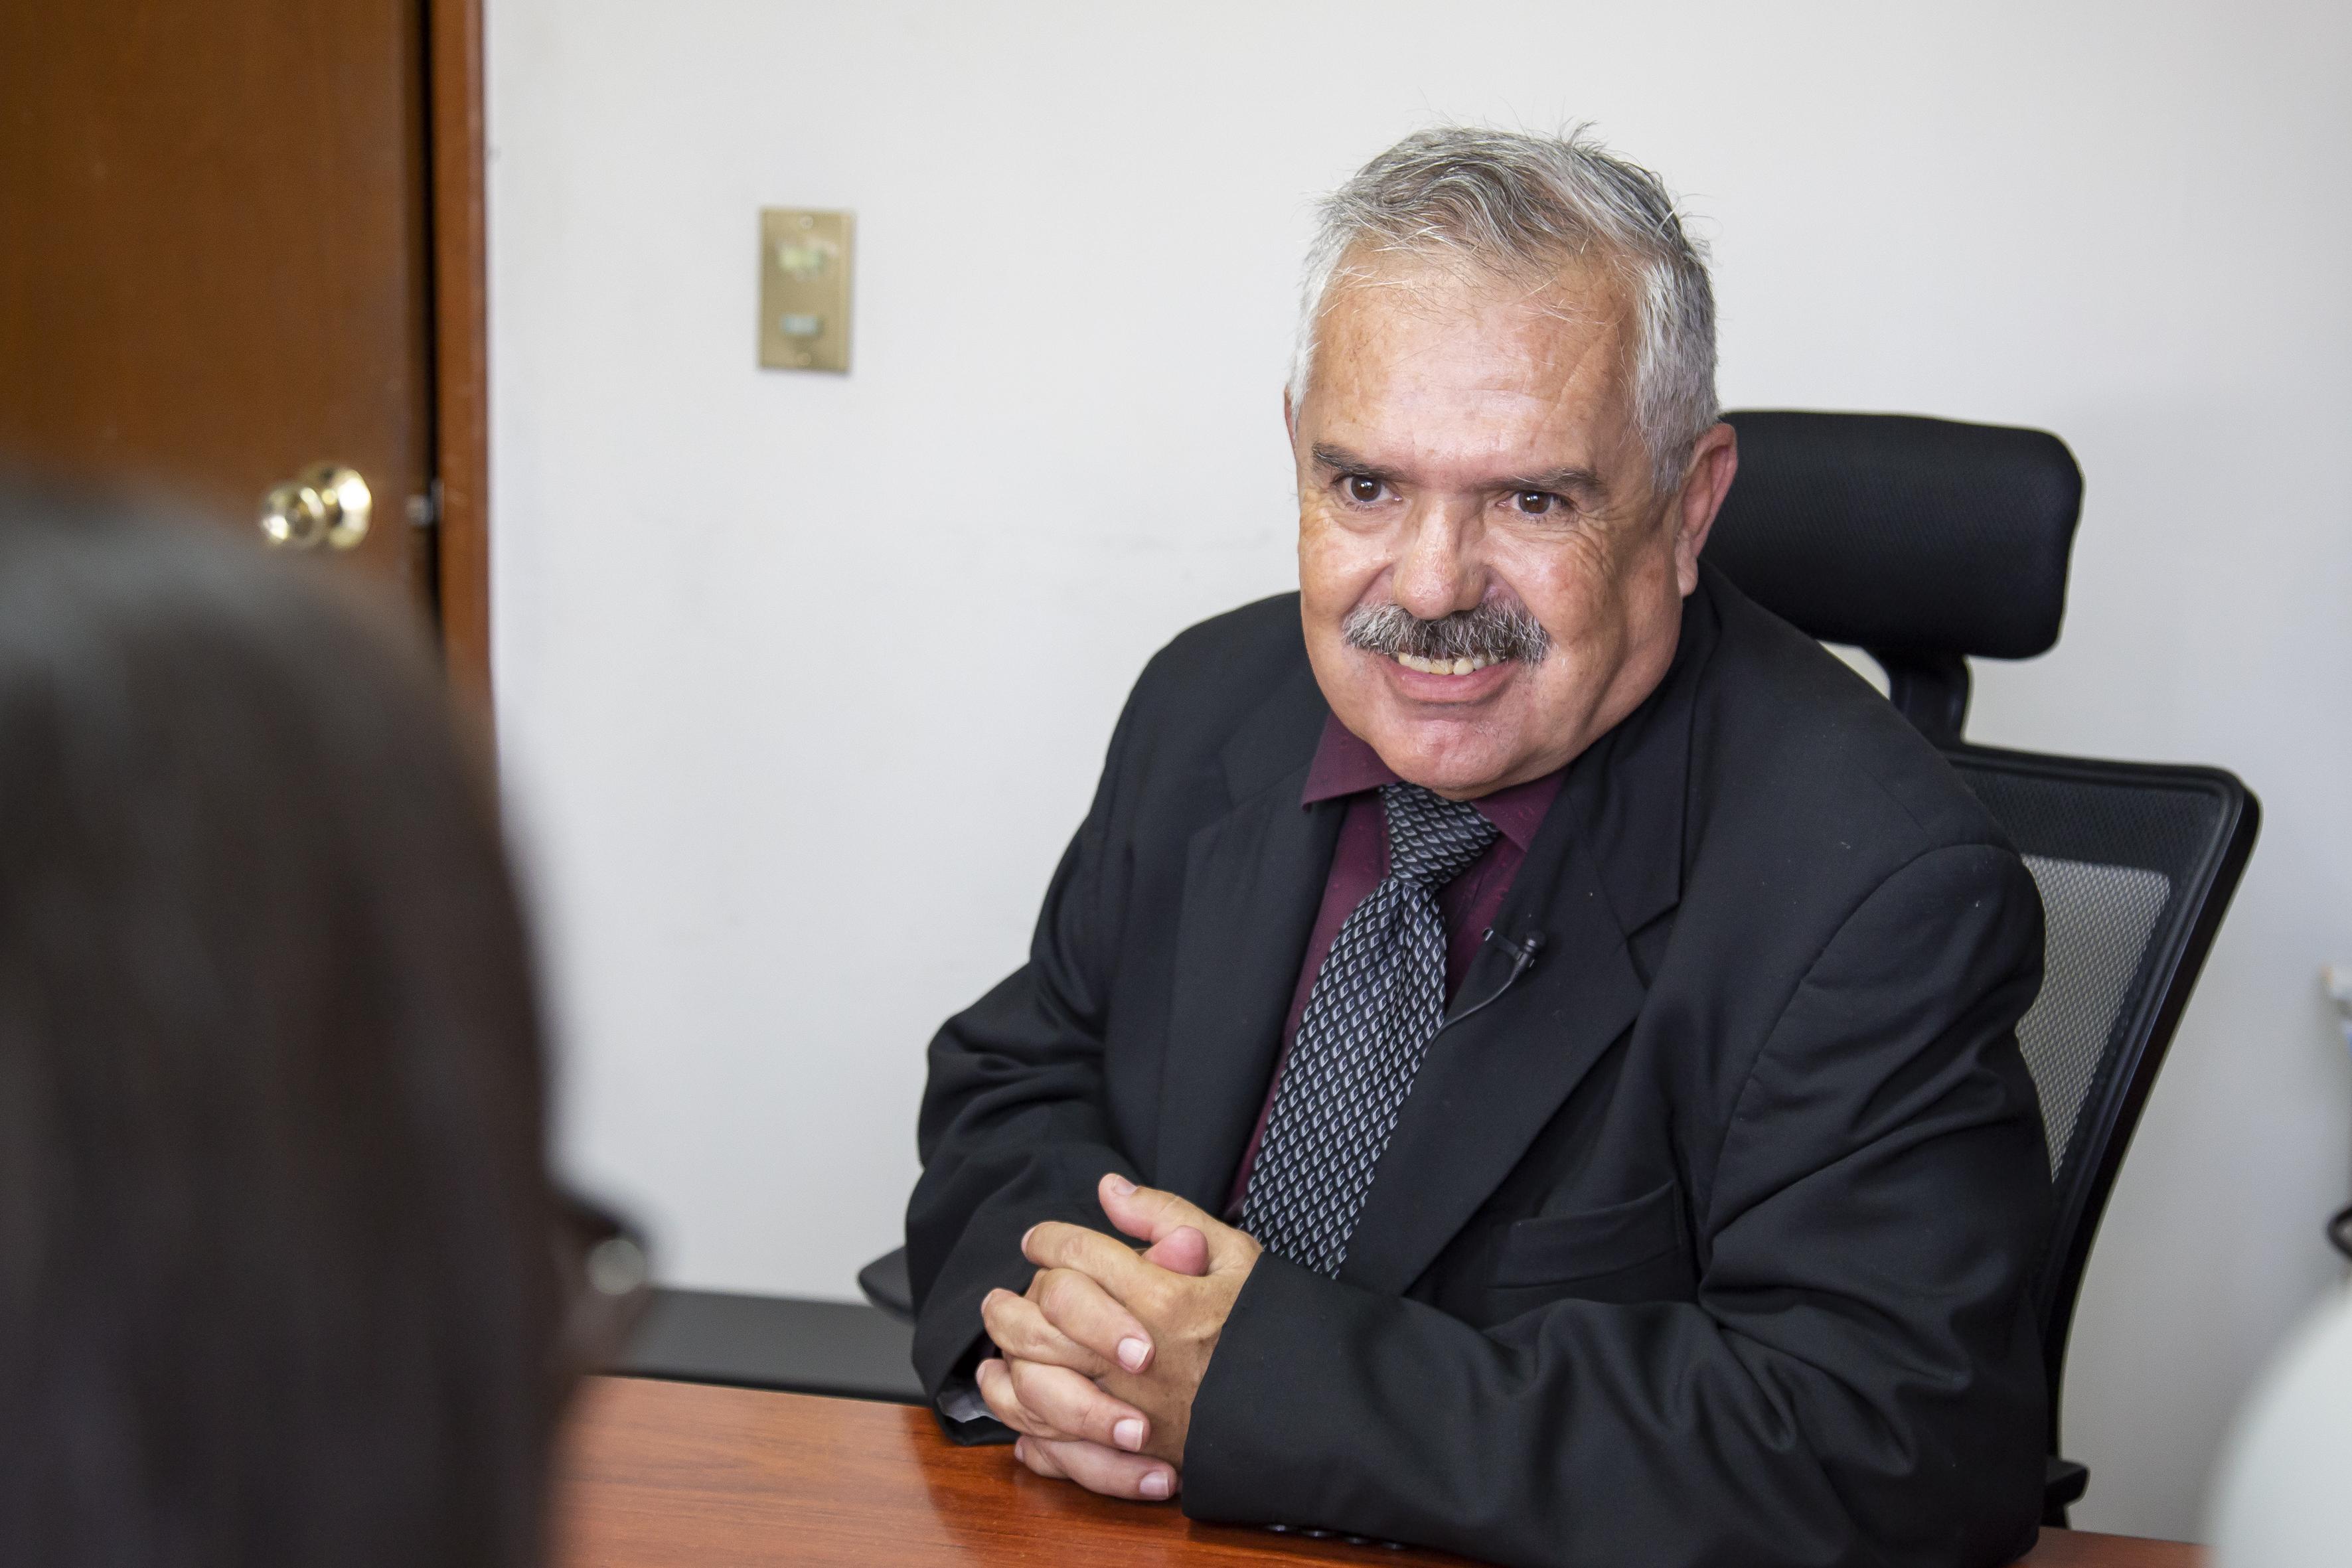 Dr. Dueñas sonriendo durante la entrevista